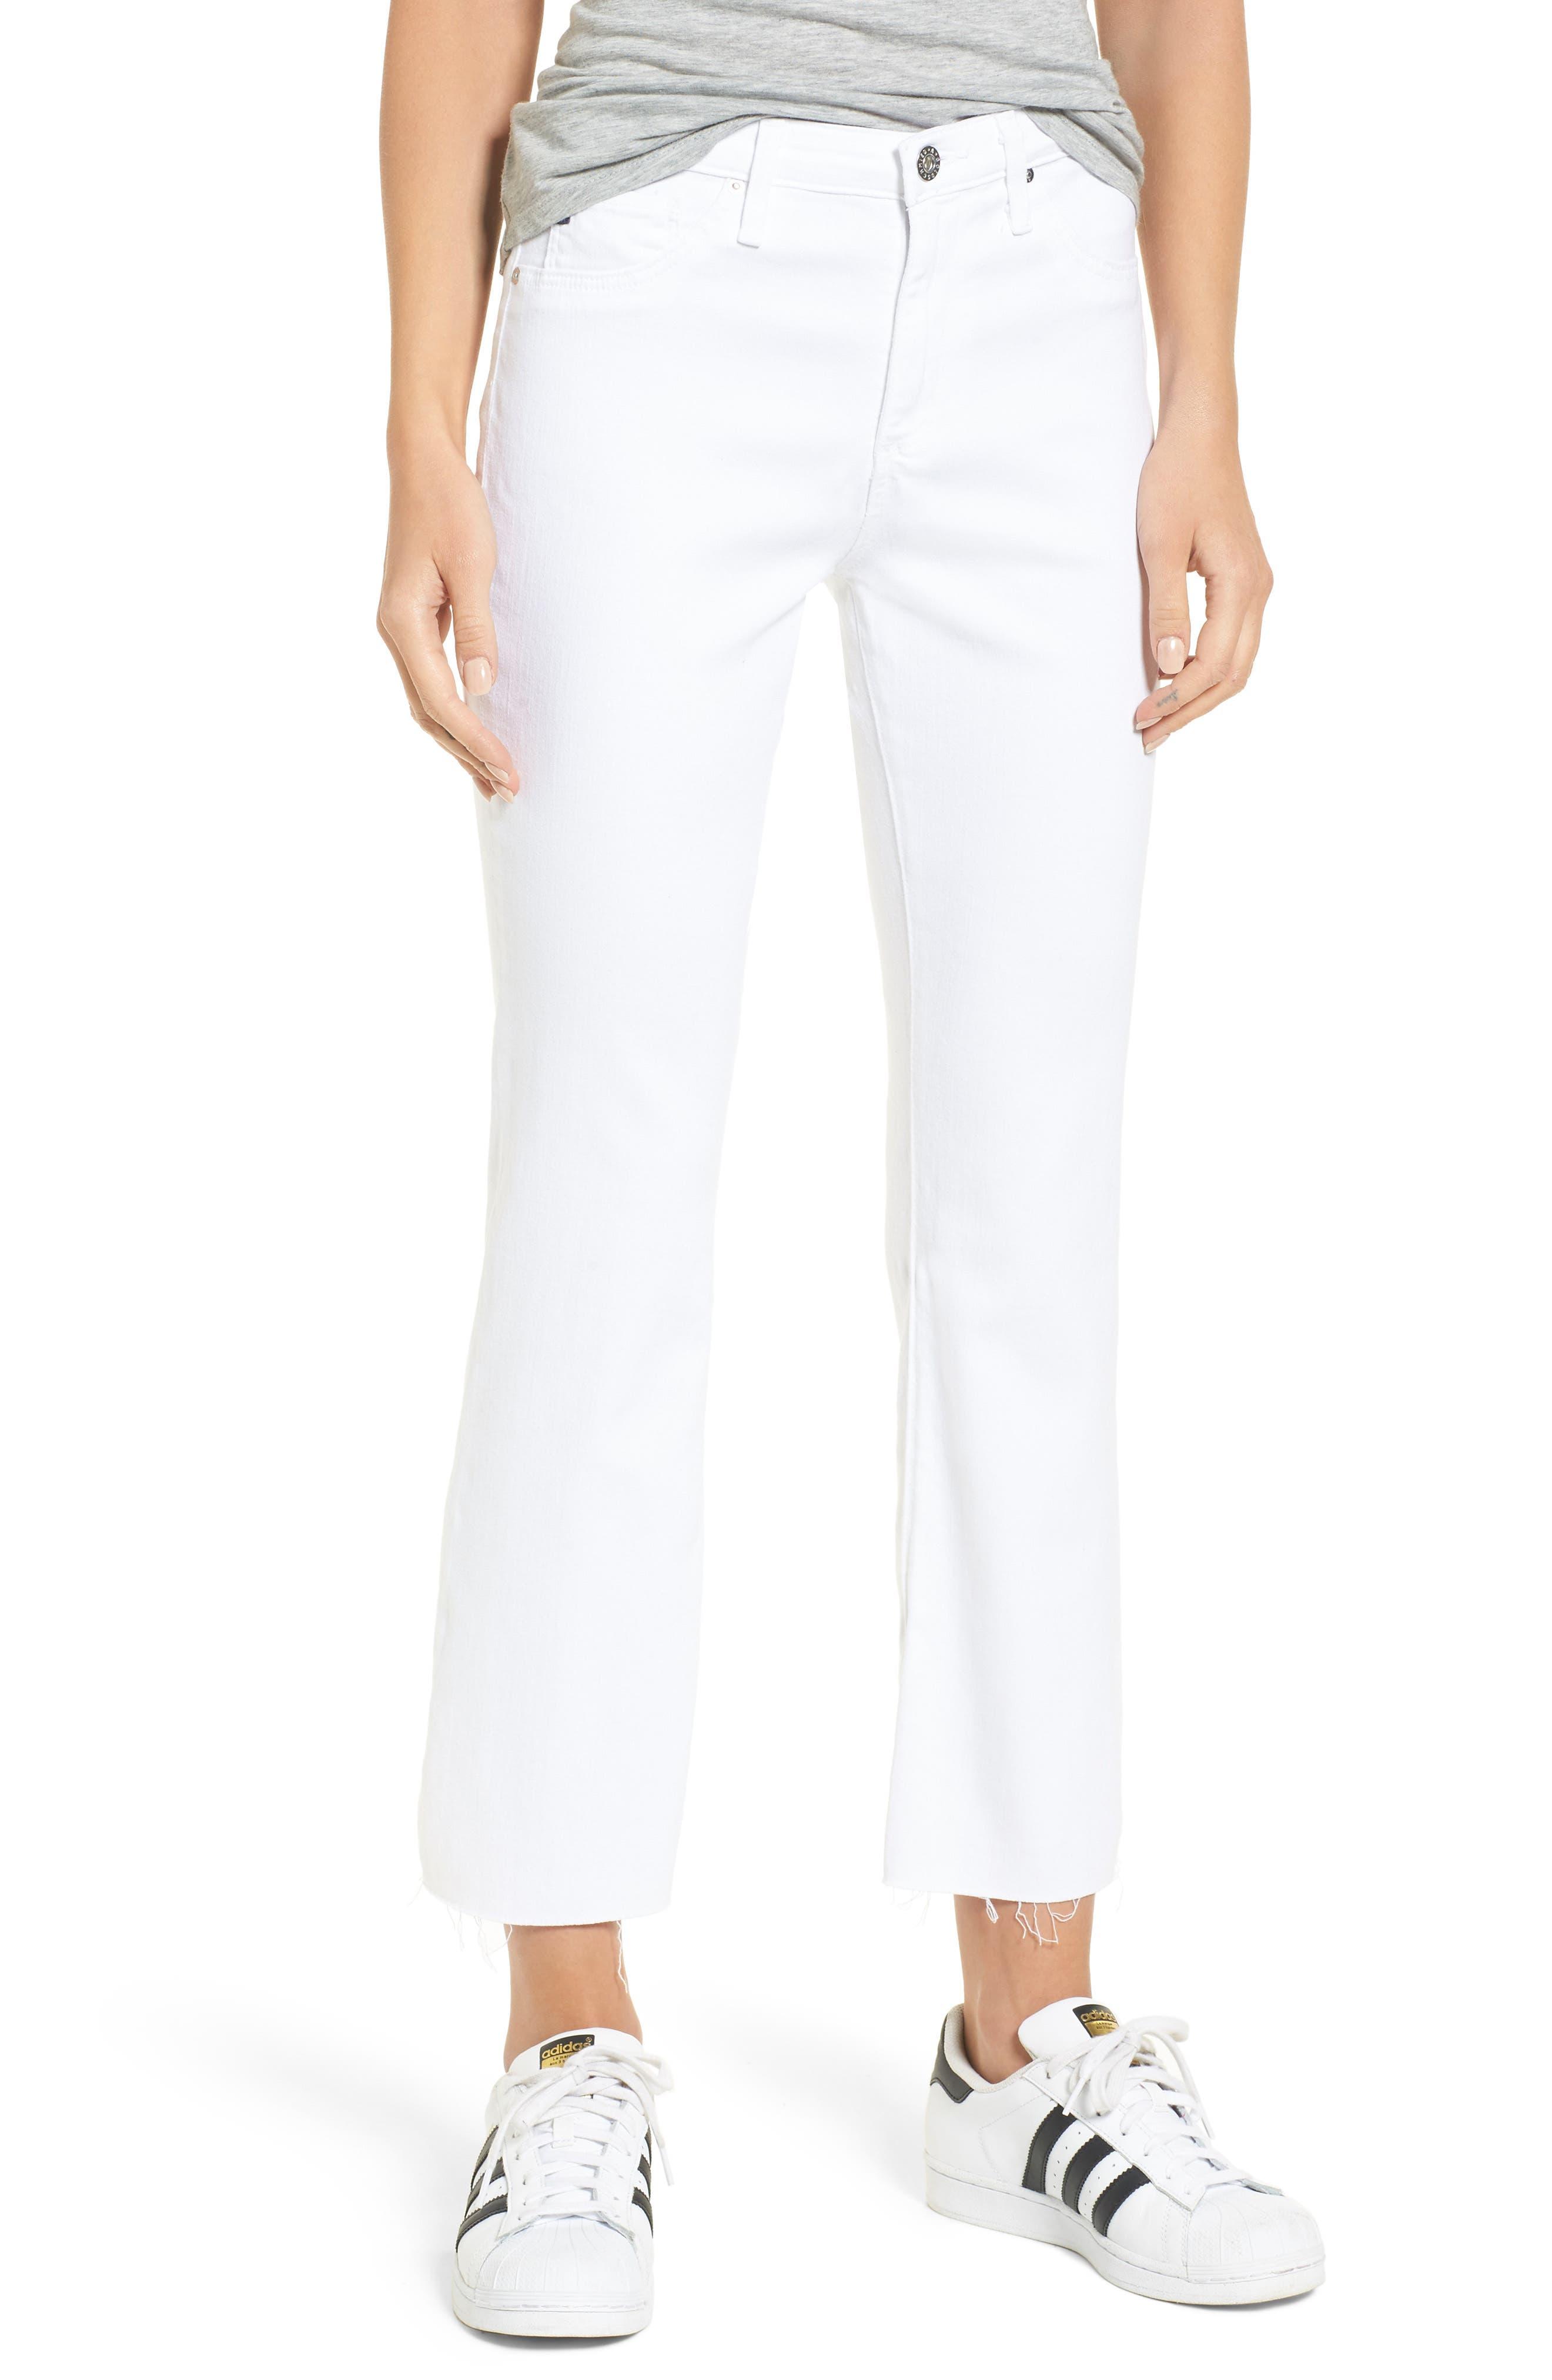 AG Jodi High Waist Crop Jeans